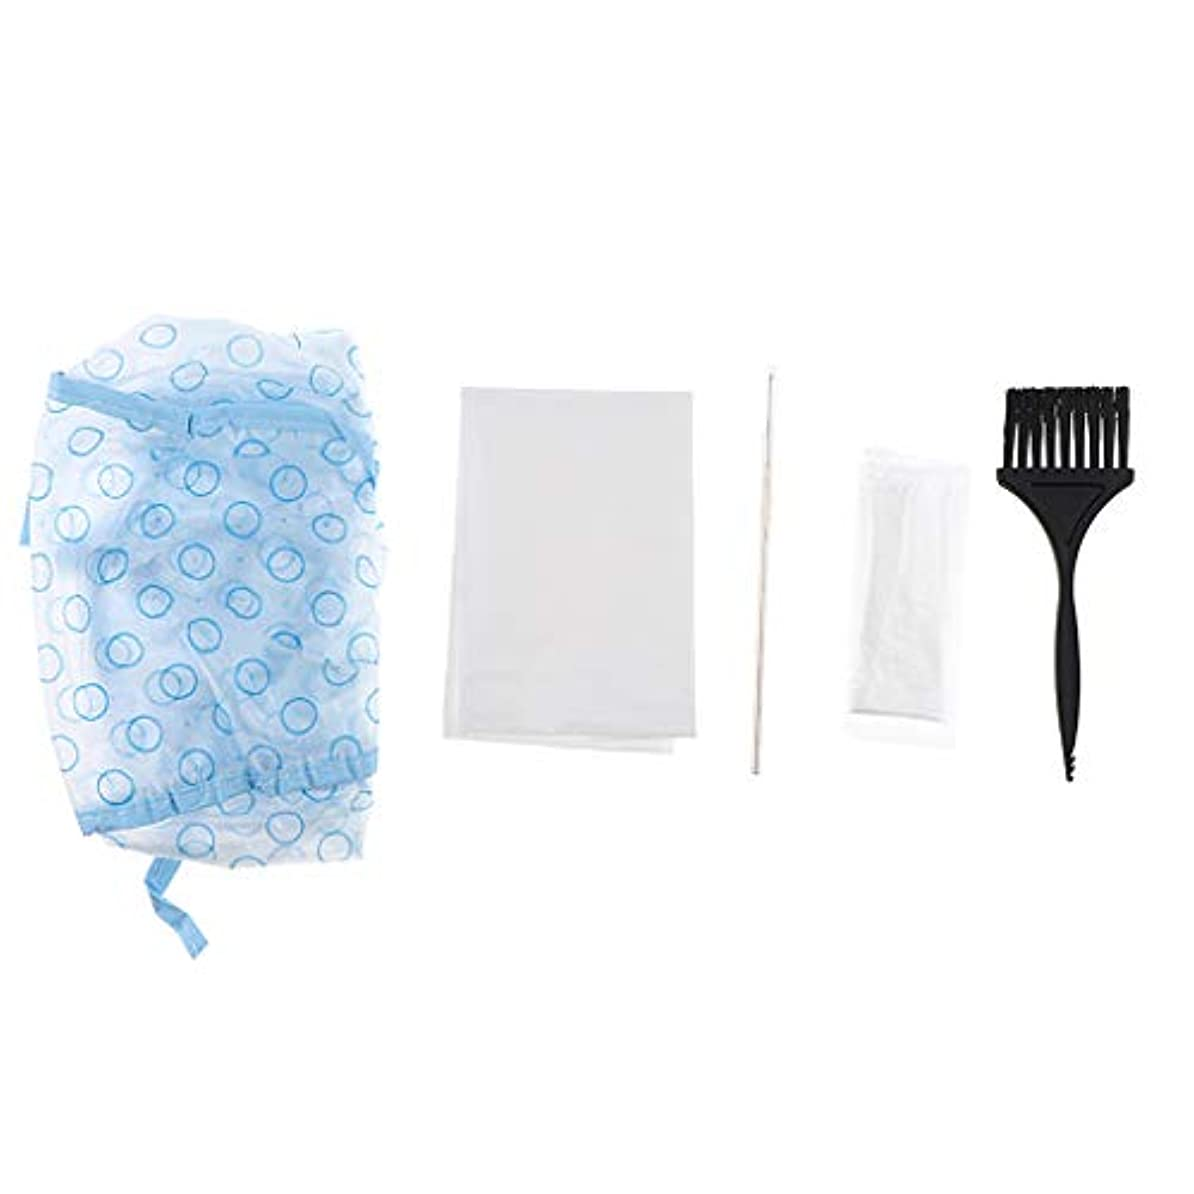 促す冒険者焦げ髪染めブラシ キャップ フック針 手袋 ヘア染めツールキット 5個セット